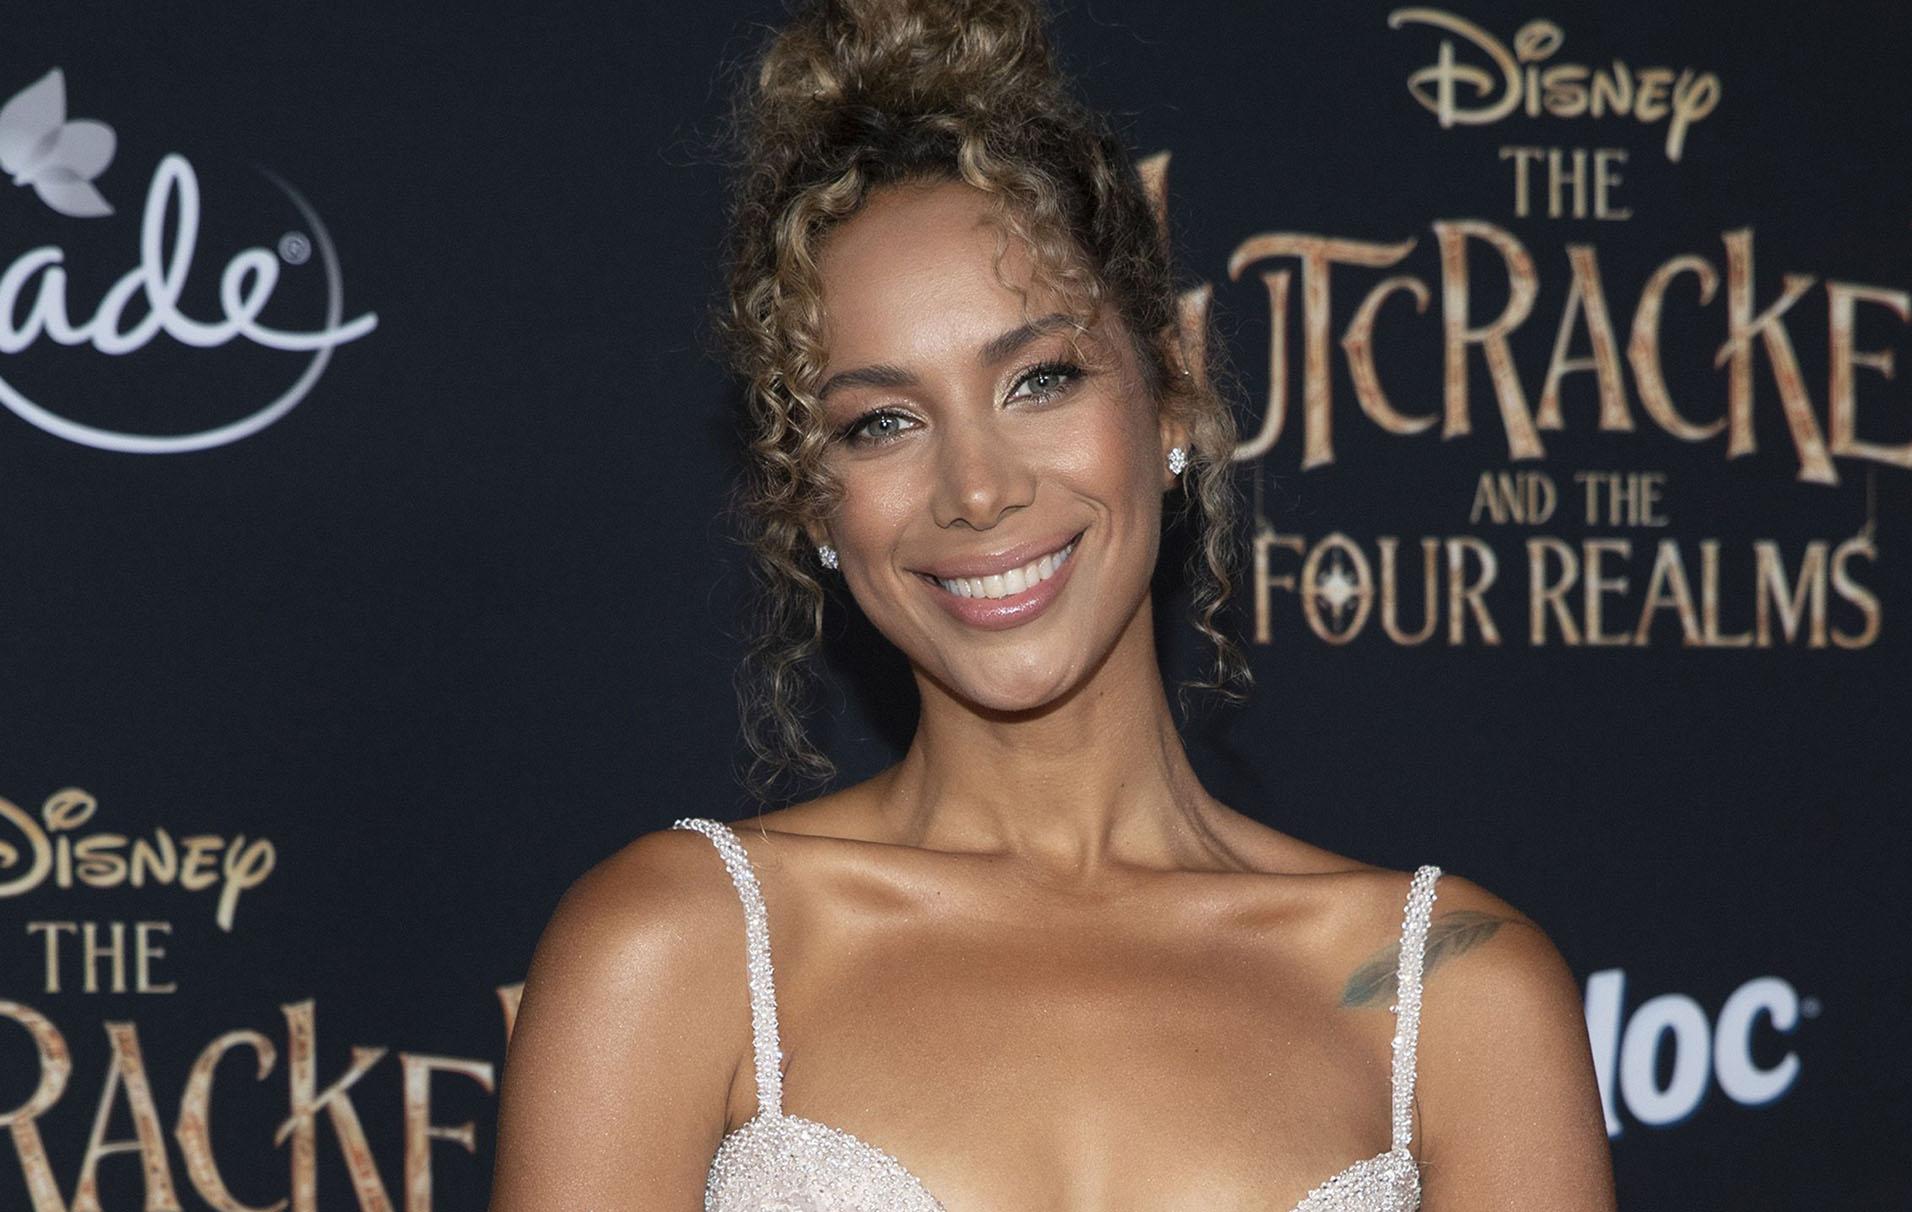 Leona Lewis confirms engagement to long-term boyfriend Dennis Jauch